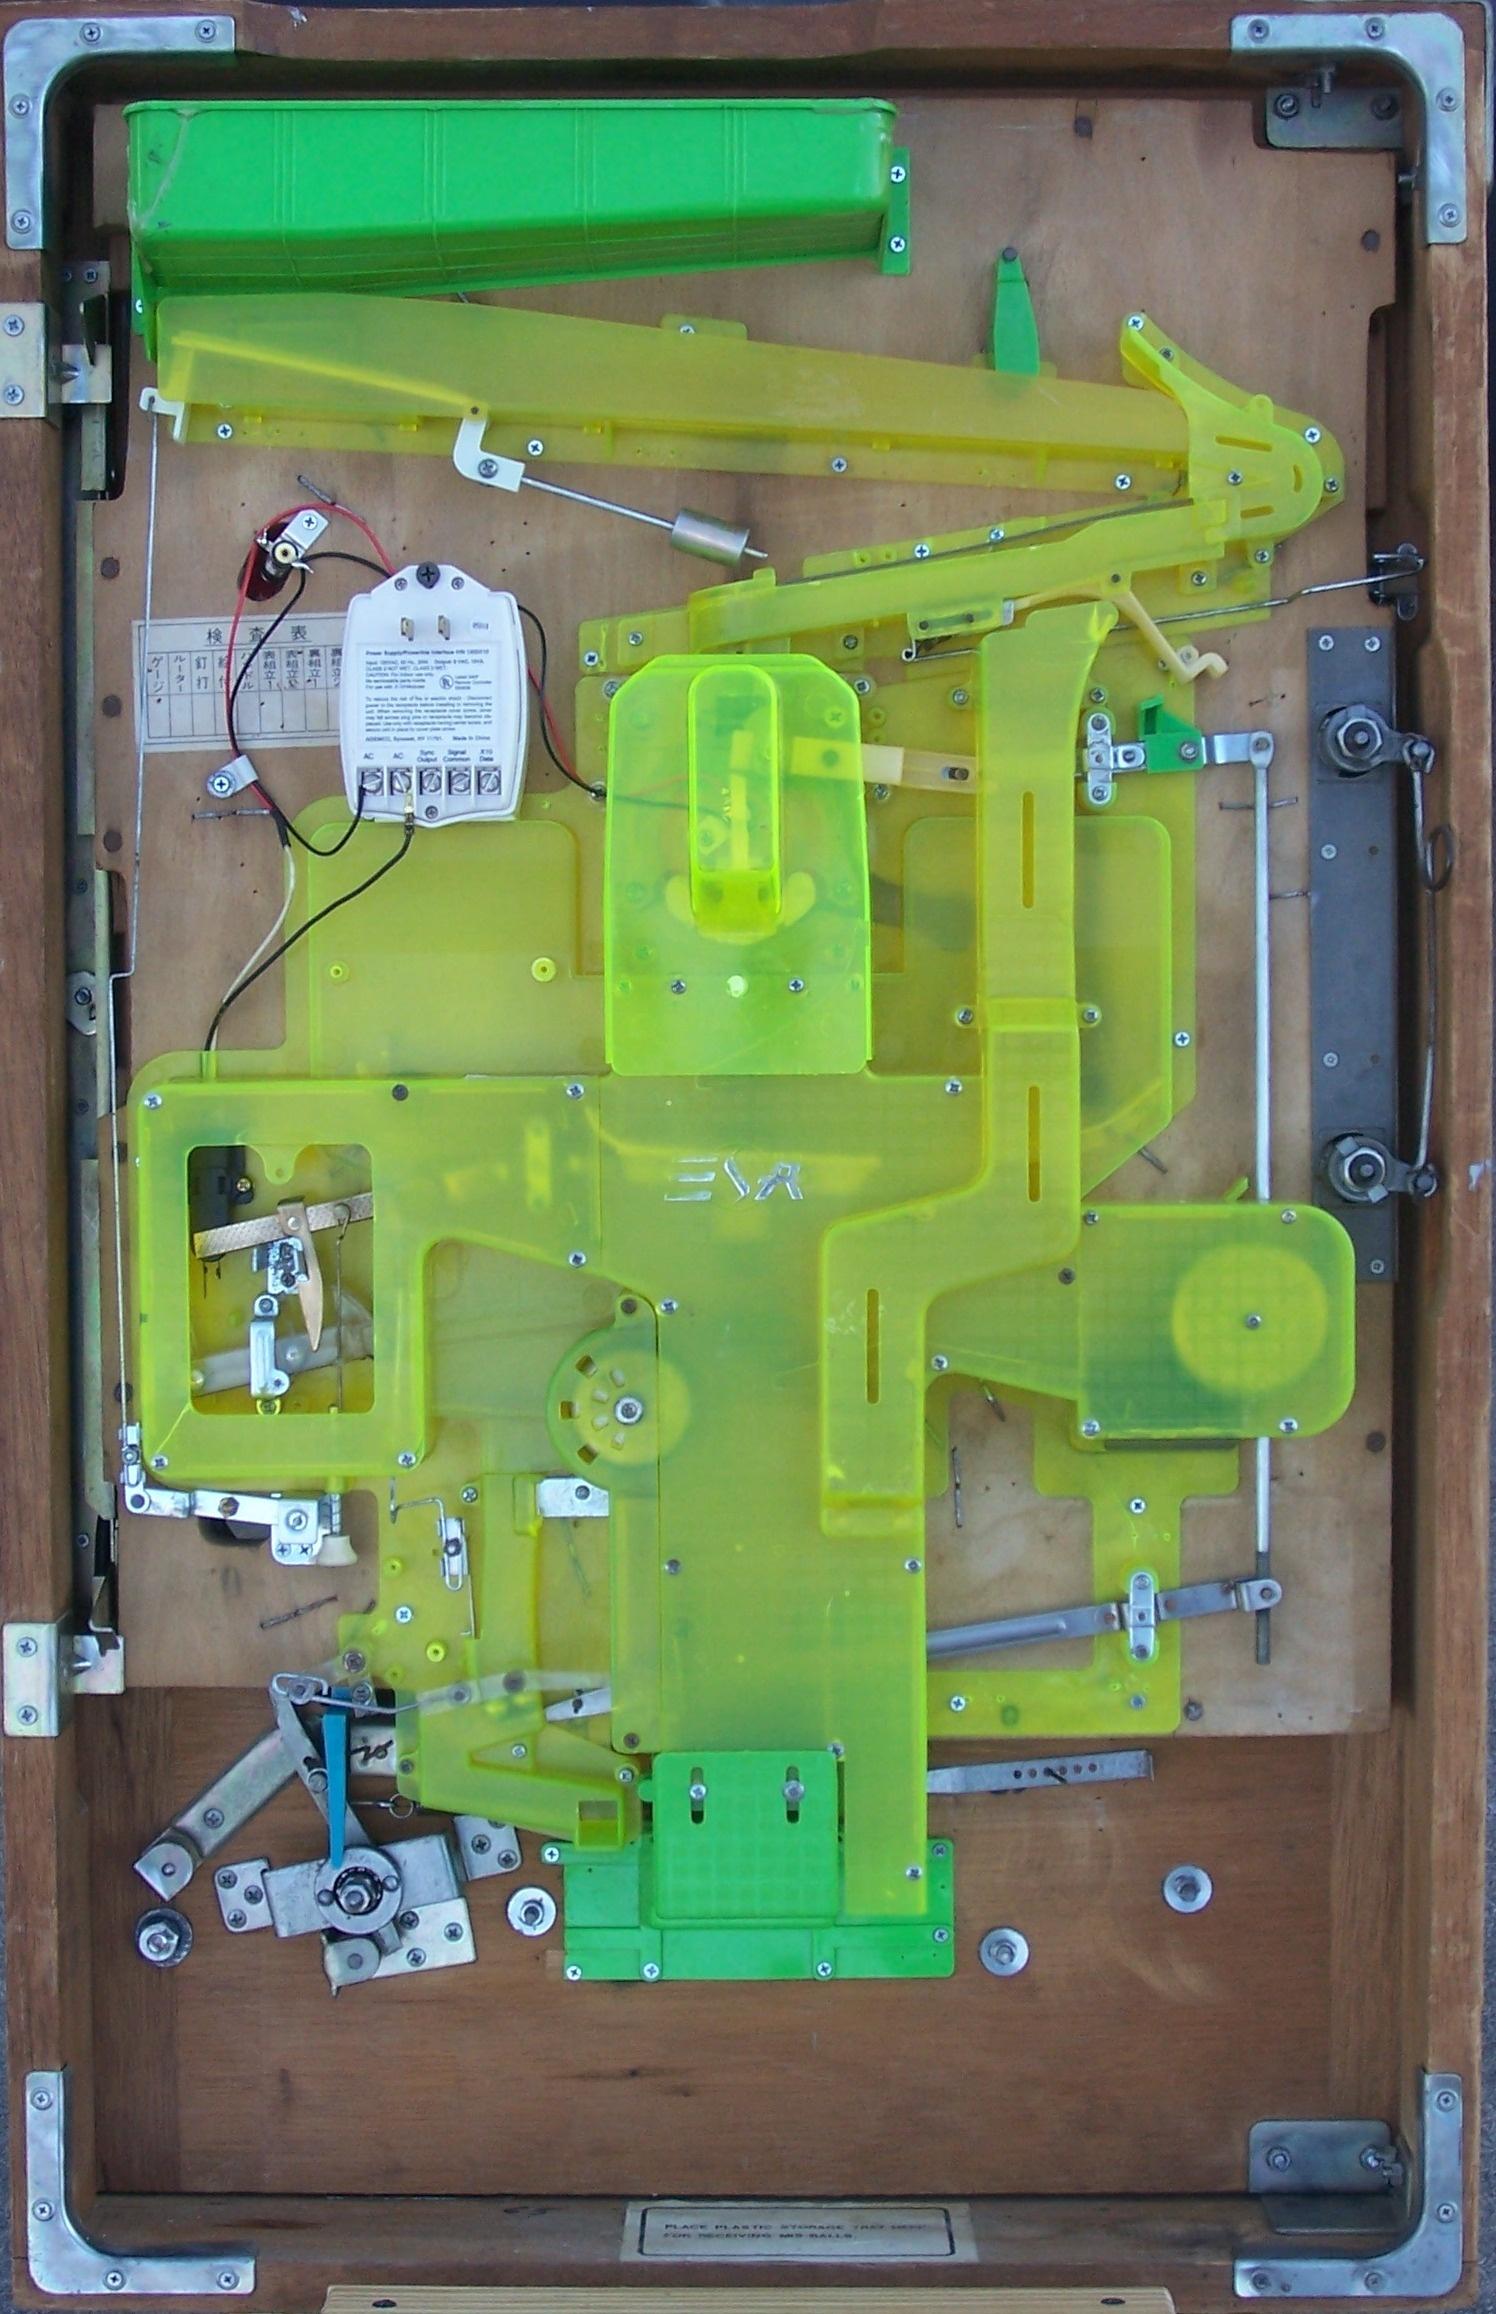 What Companies Made Pachinko Machines